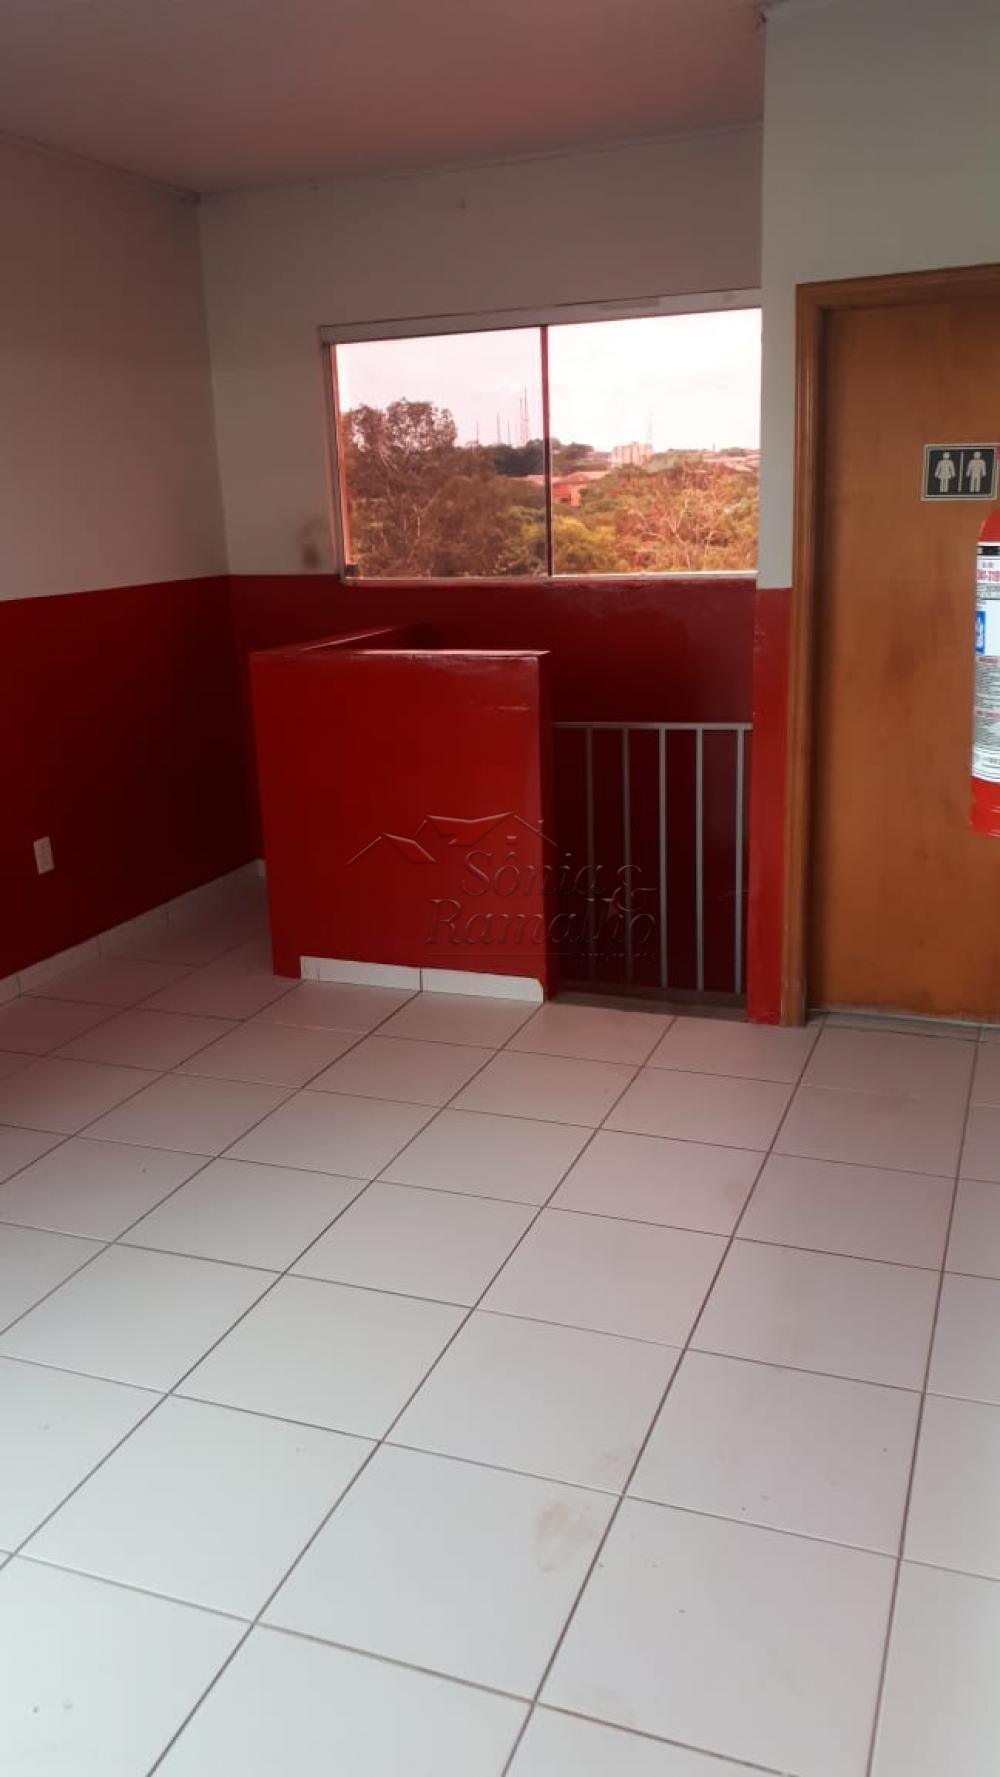 Alugar Comercial / Galpao / Barracao em Ribeirão Preto apenas R$ 5.000,00 - Foto 6